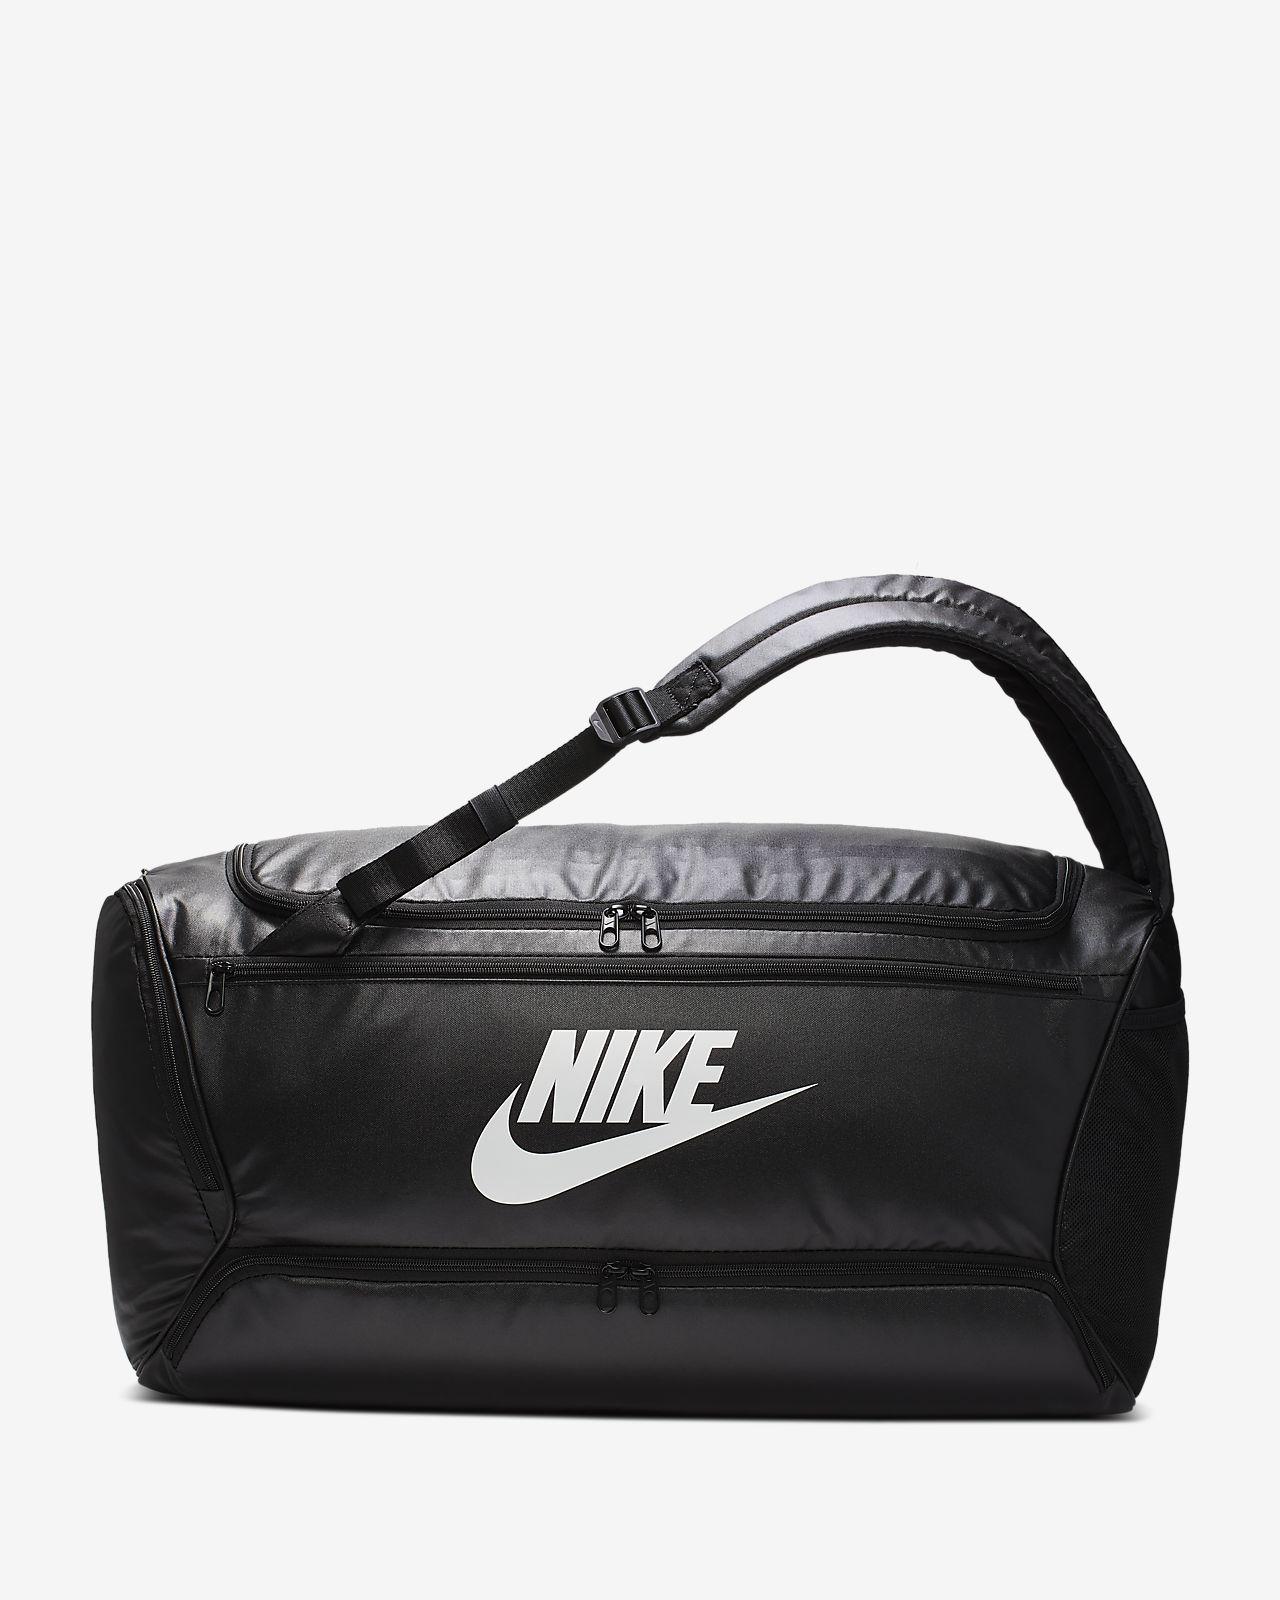 Nike Brasilia konvertibel duffelbag/ryggsekk til trening